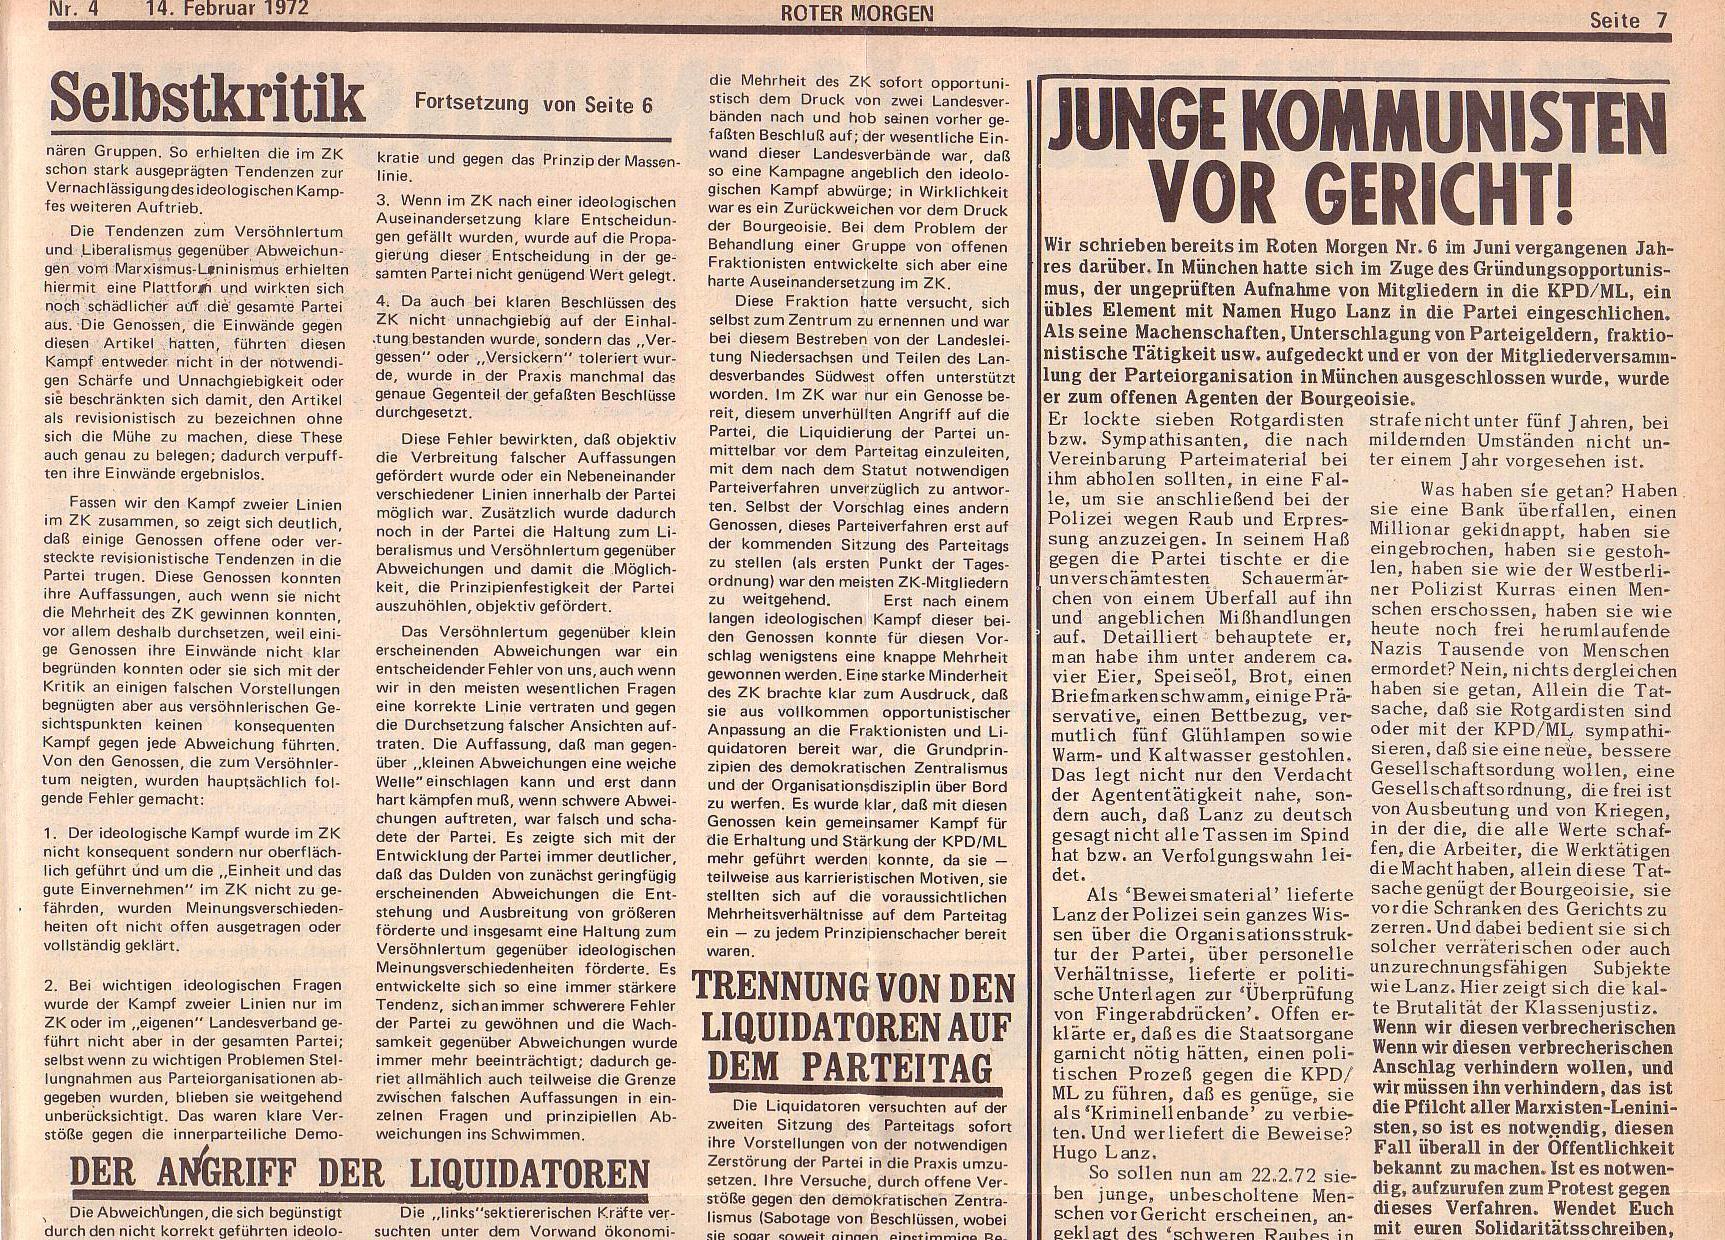 Roter Morgen, 6. Jg., 14. Februar 1972, Nr. 4, Seite 7a